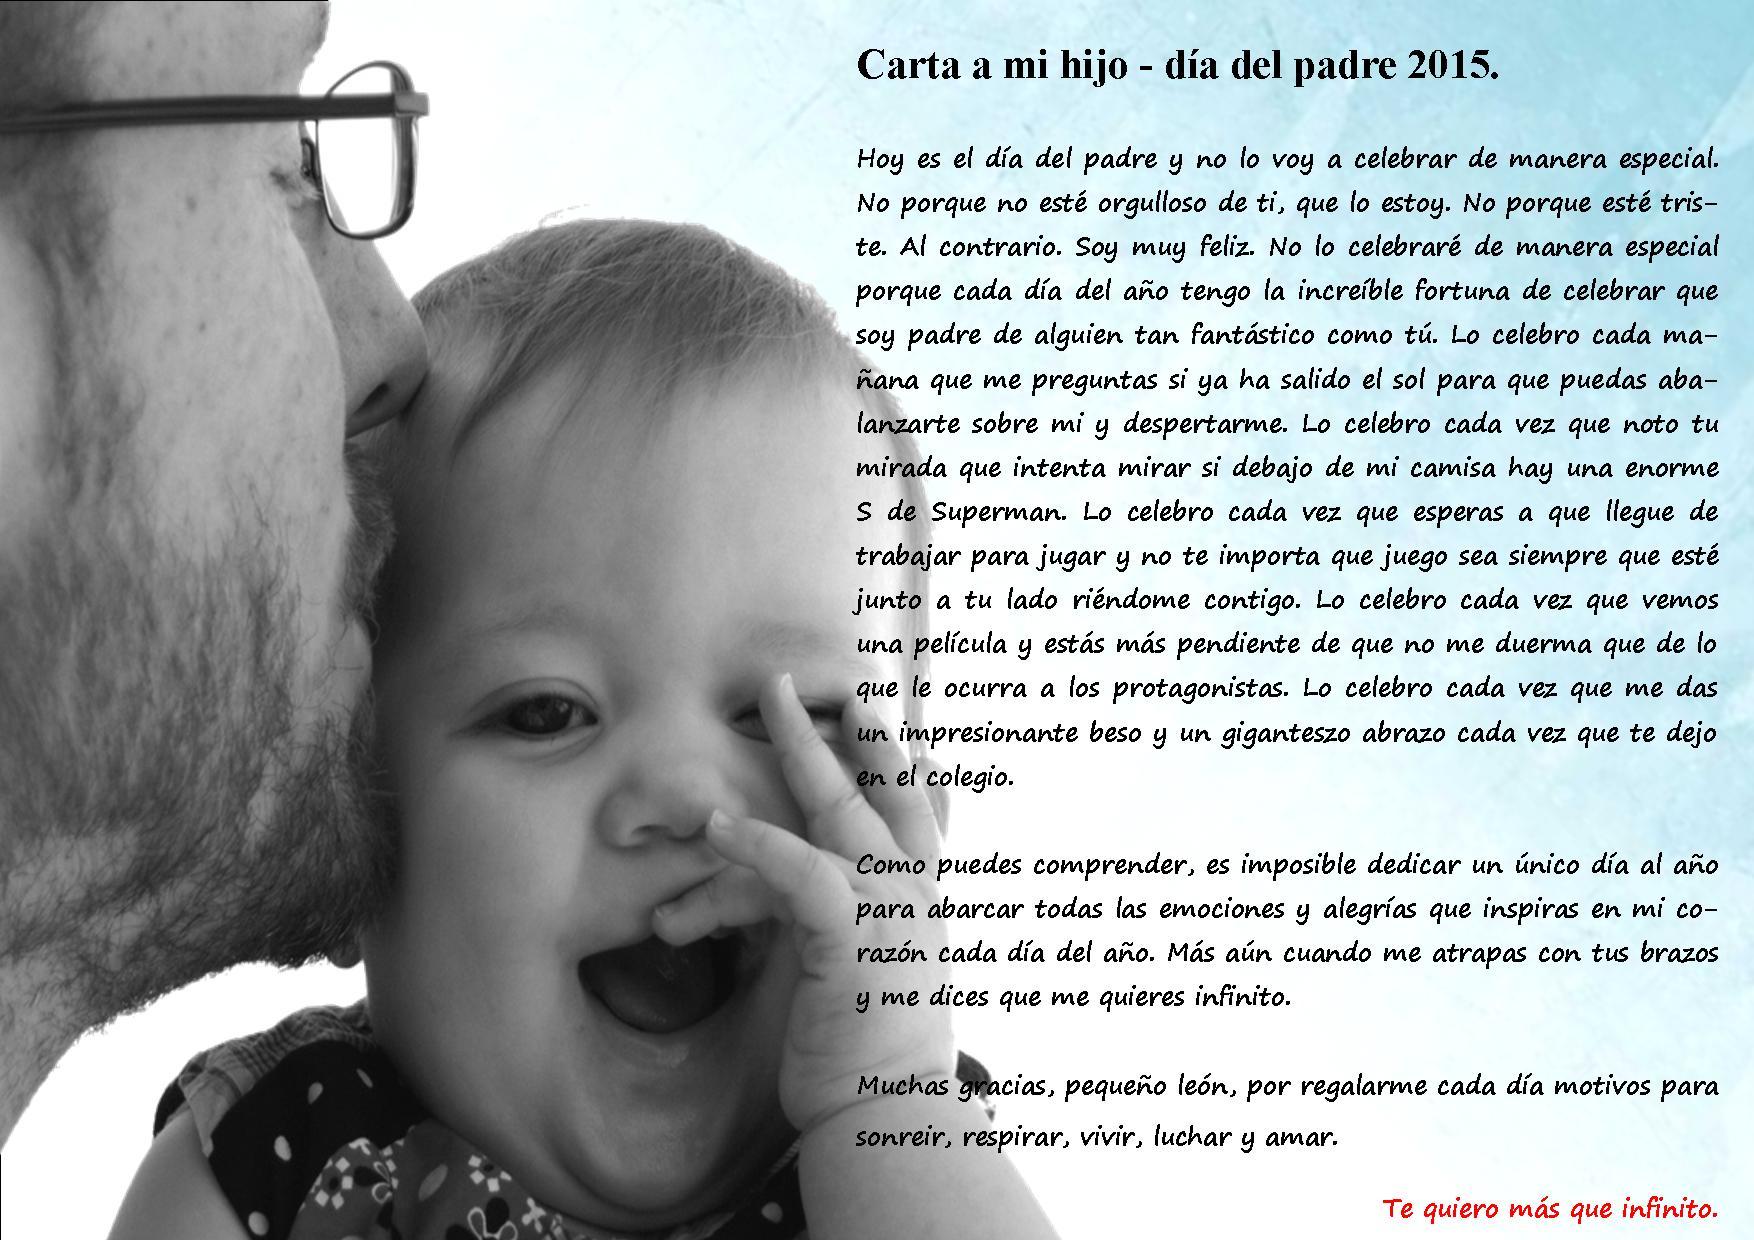 carta a mi hijo 2015